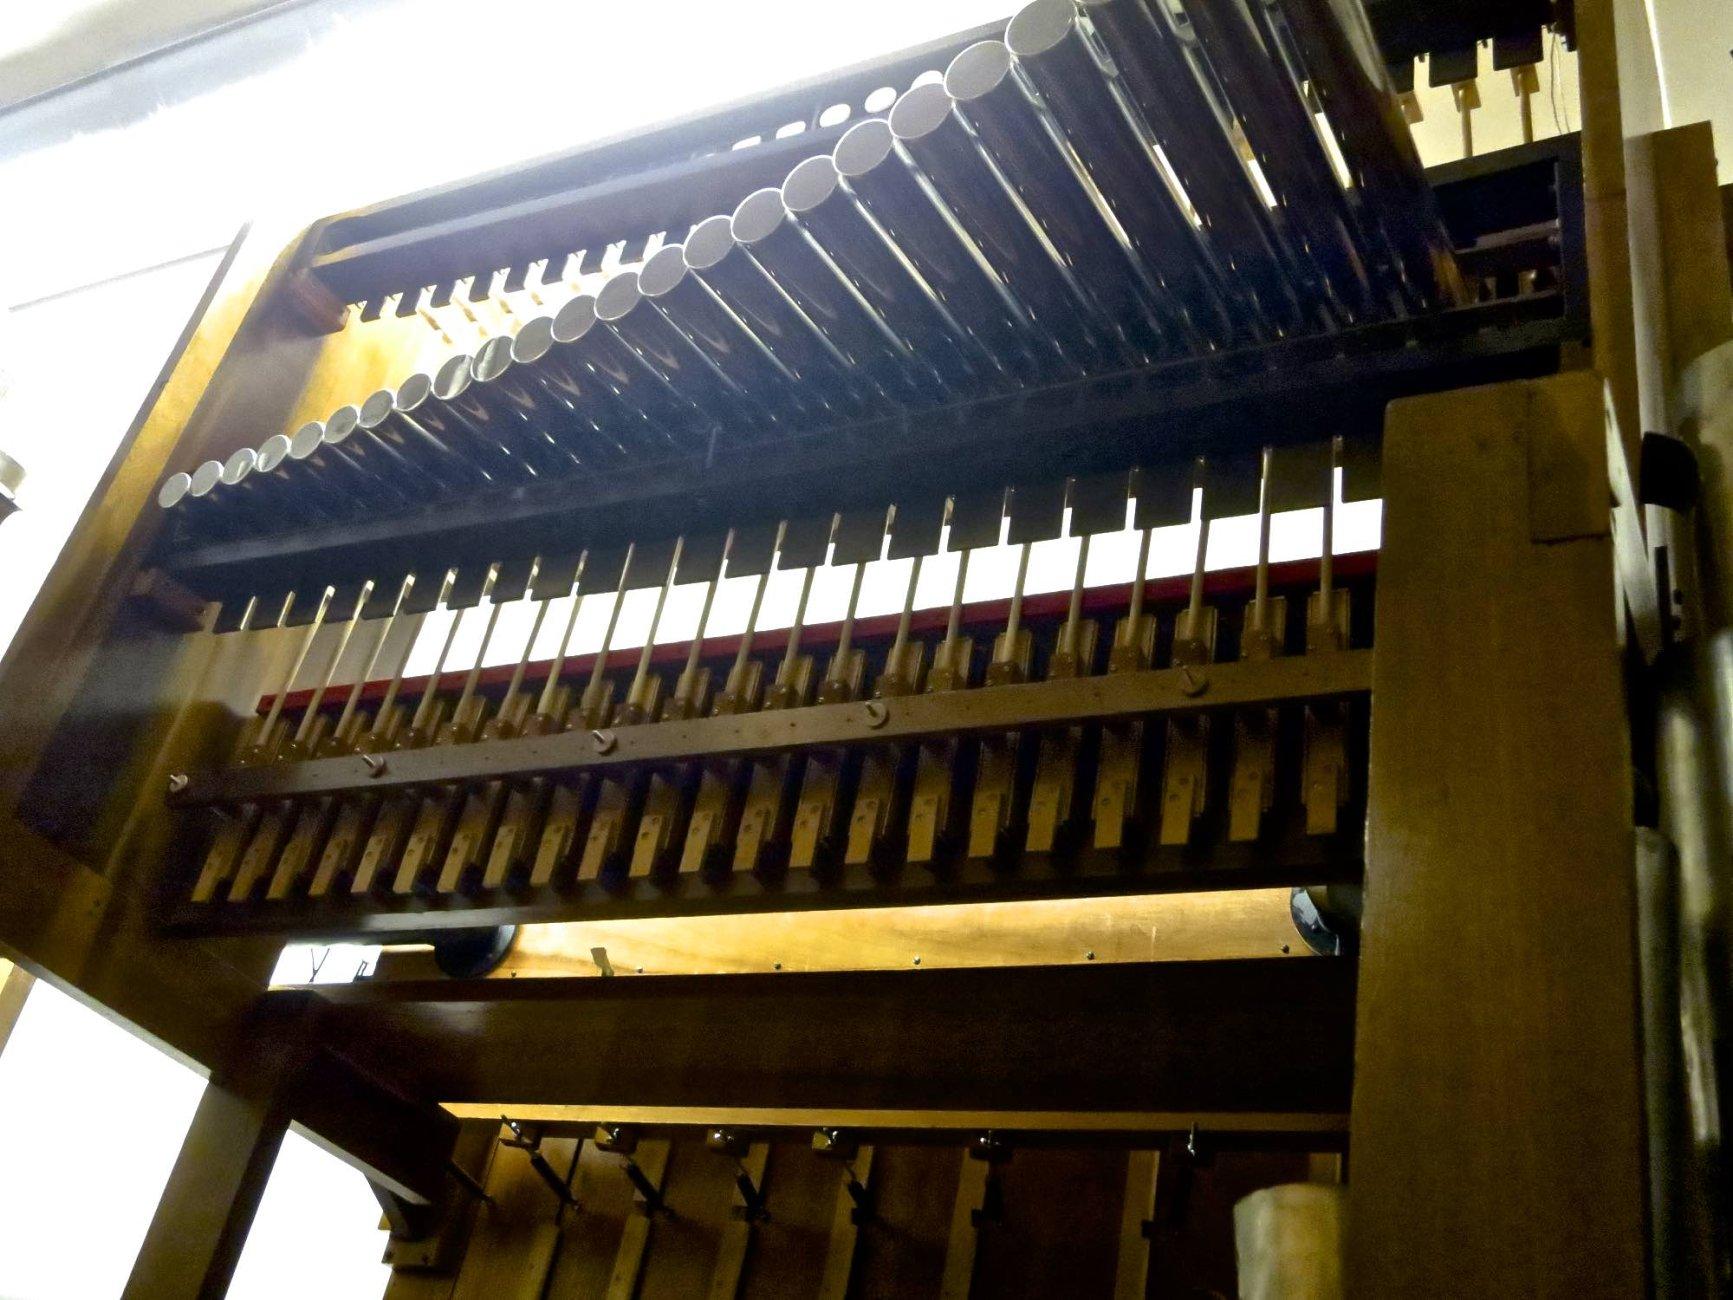 The Wanamaker Organ